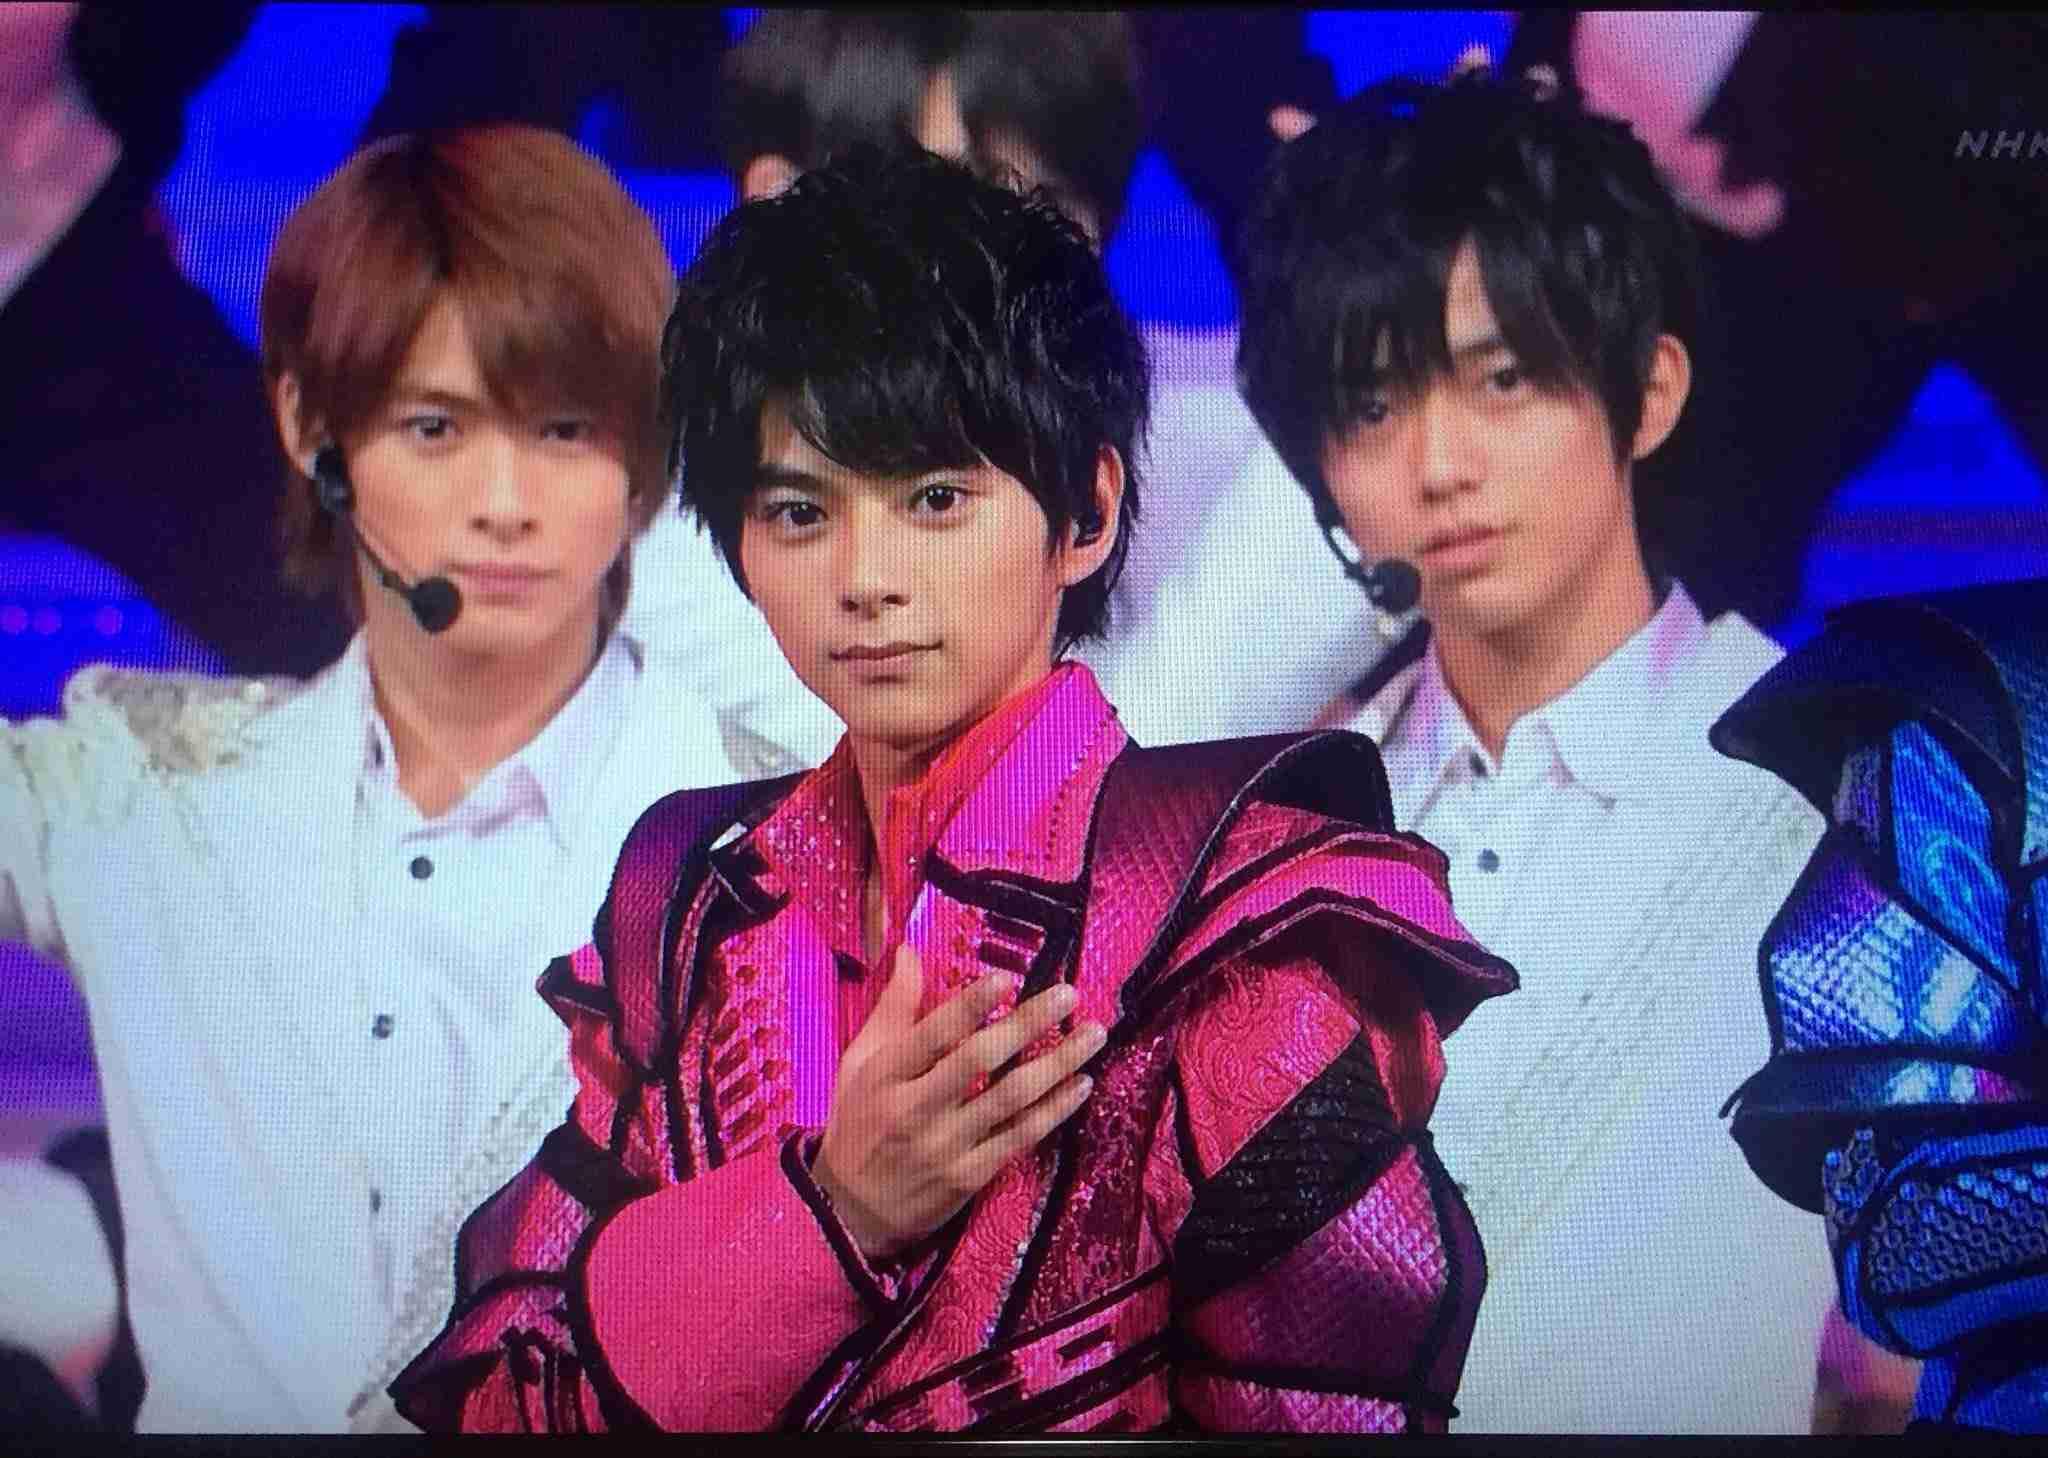 平野紫耀くん好きな人ー集まれ!